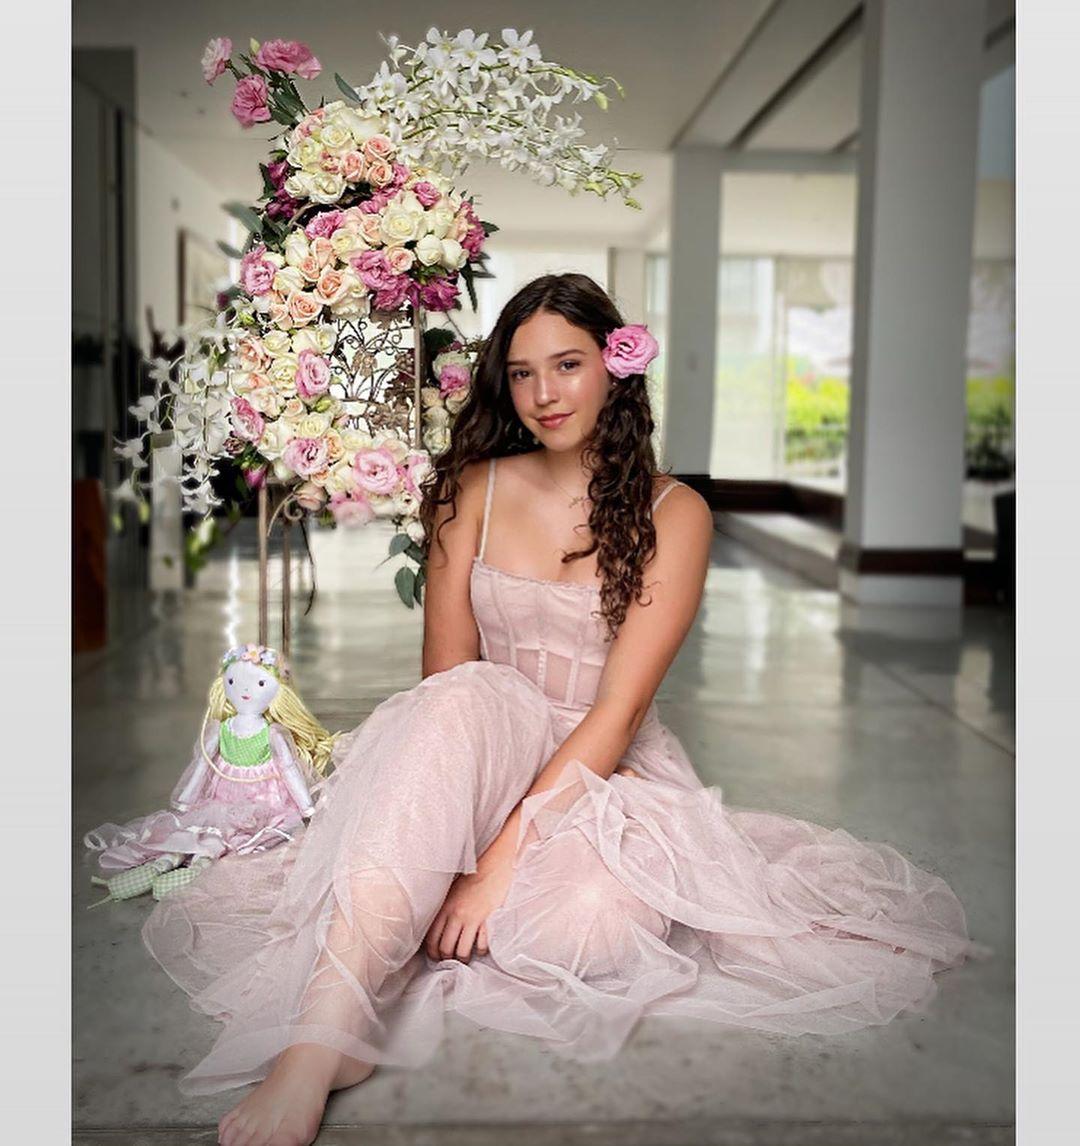 La hija de Andrea Legarreta celebro sus 15 años en medio de la cuarentena